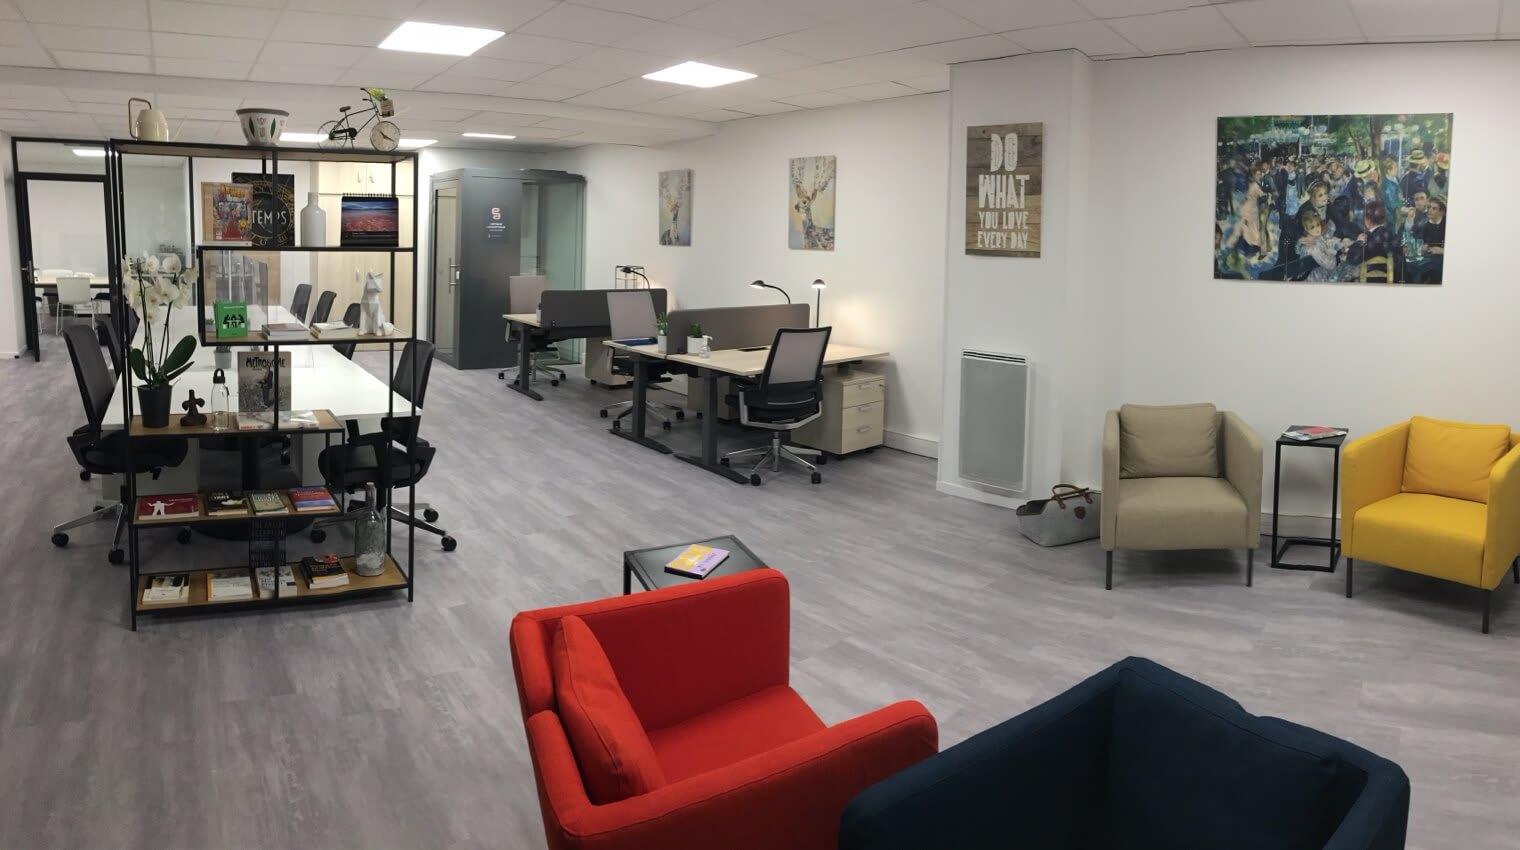 Des espaces de travail spacieux dans notre centre d'affaires au Plessis-Robinson.